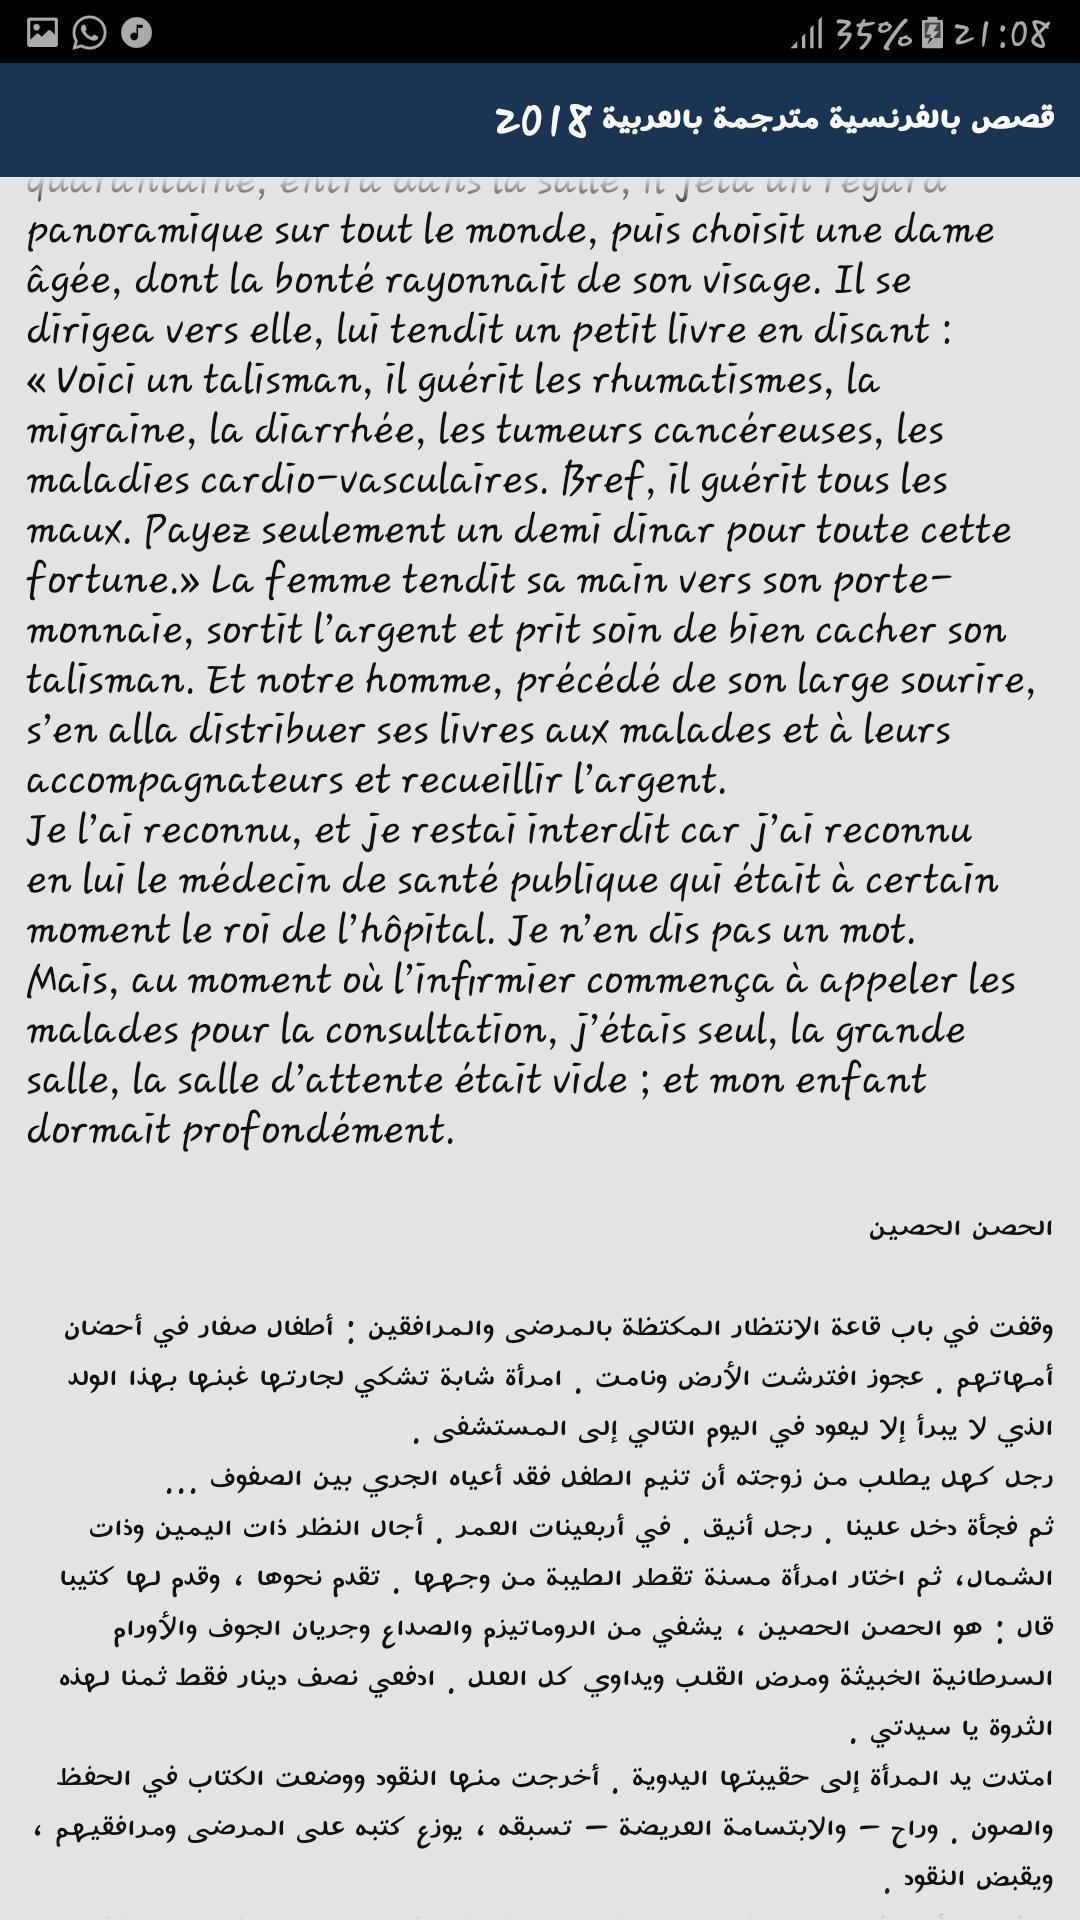 تحلى بالثقة الأكاديمية متحفظ قصه بوليسيه بالانجليزي مترجمه بالعربي قصيره Dsvdedommel Com